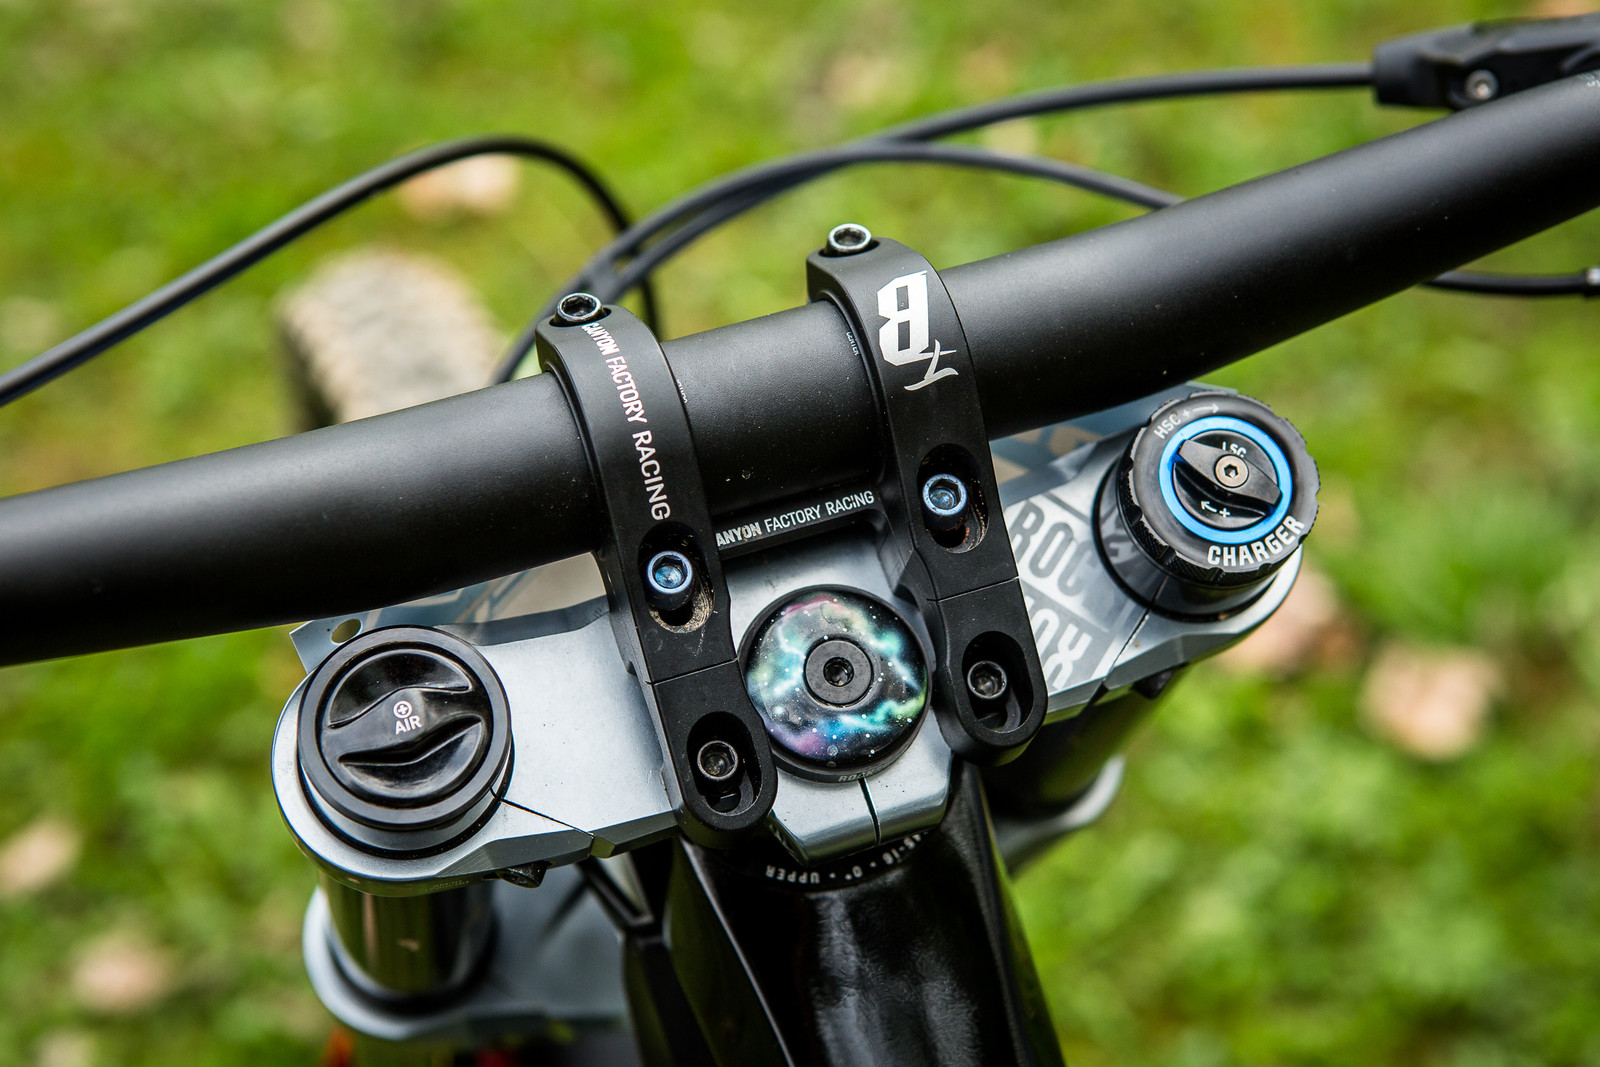 Canyon Direct-Mount Stem - Pro Bike Check: Troy Brosnan's Canyon Sender - Mountain Biking Pictures - Vital MTB